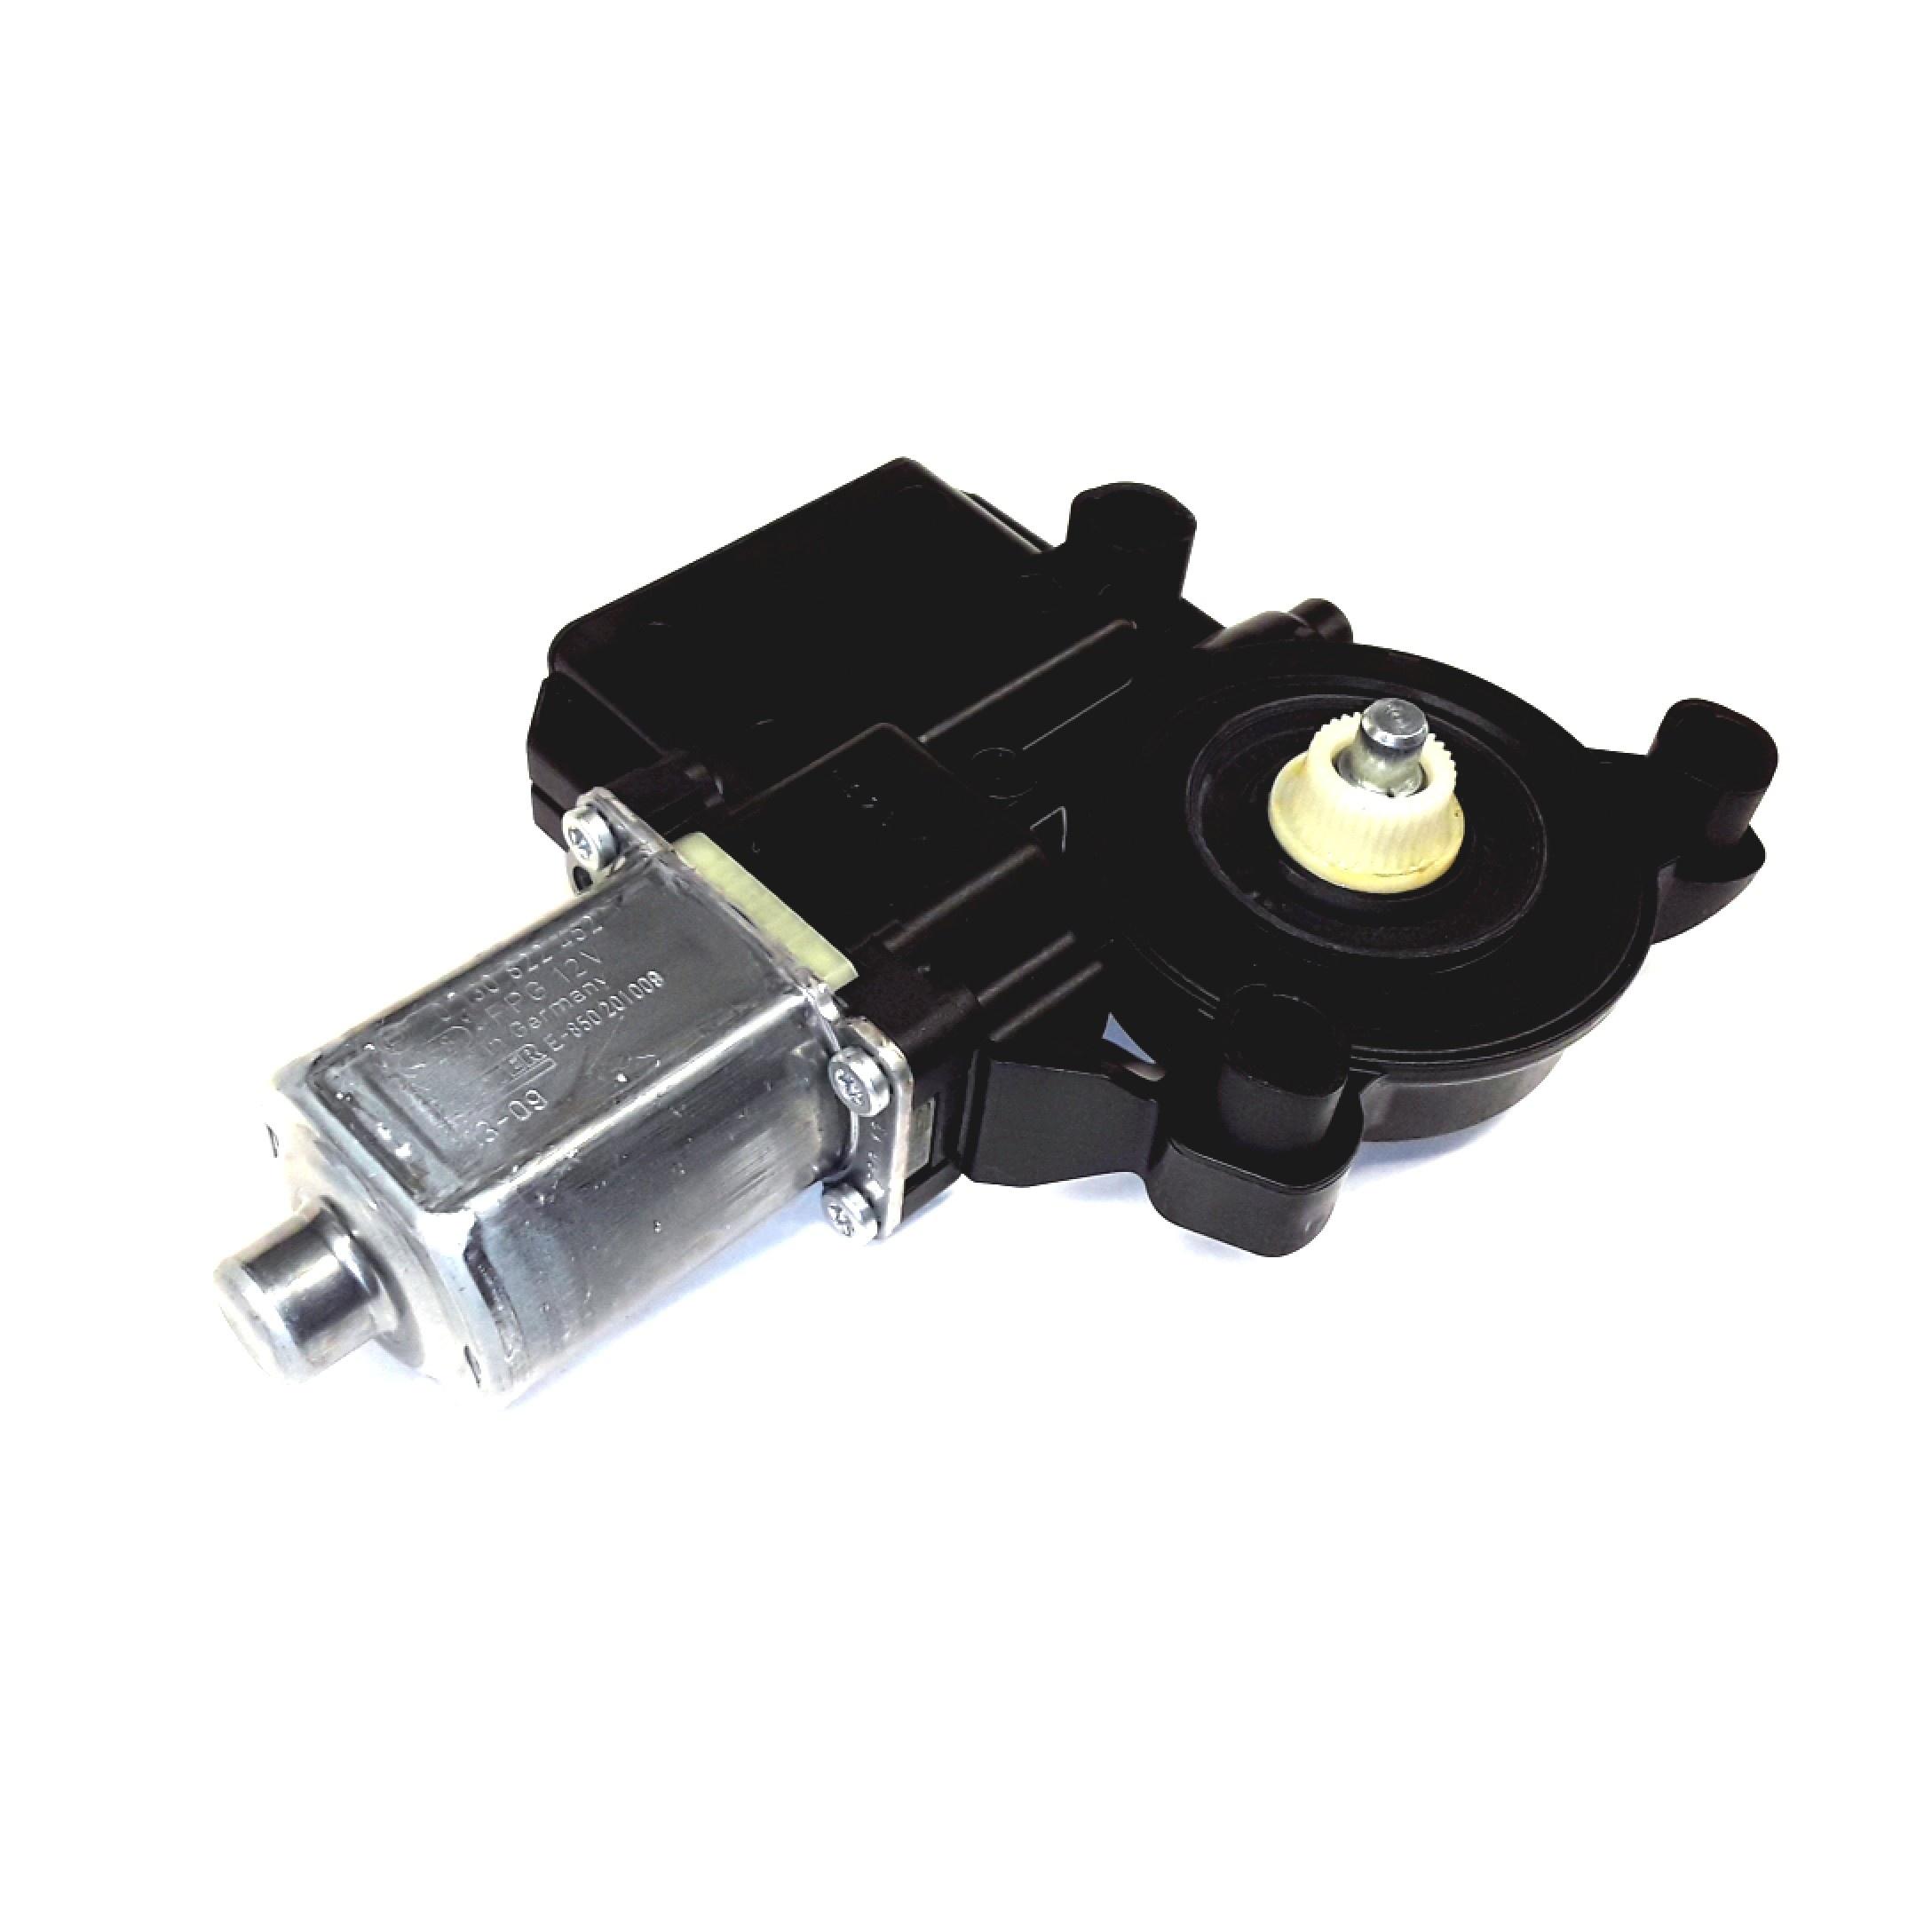 2014 volkswagen beetle convertible power window motor for Vw beetle motor parts